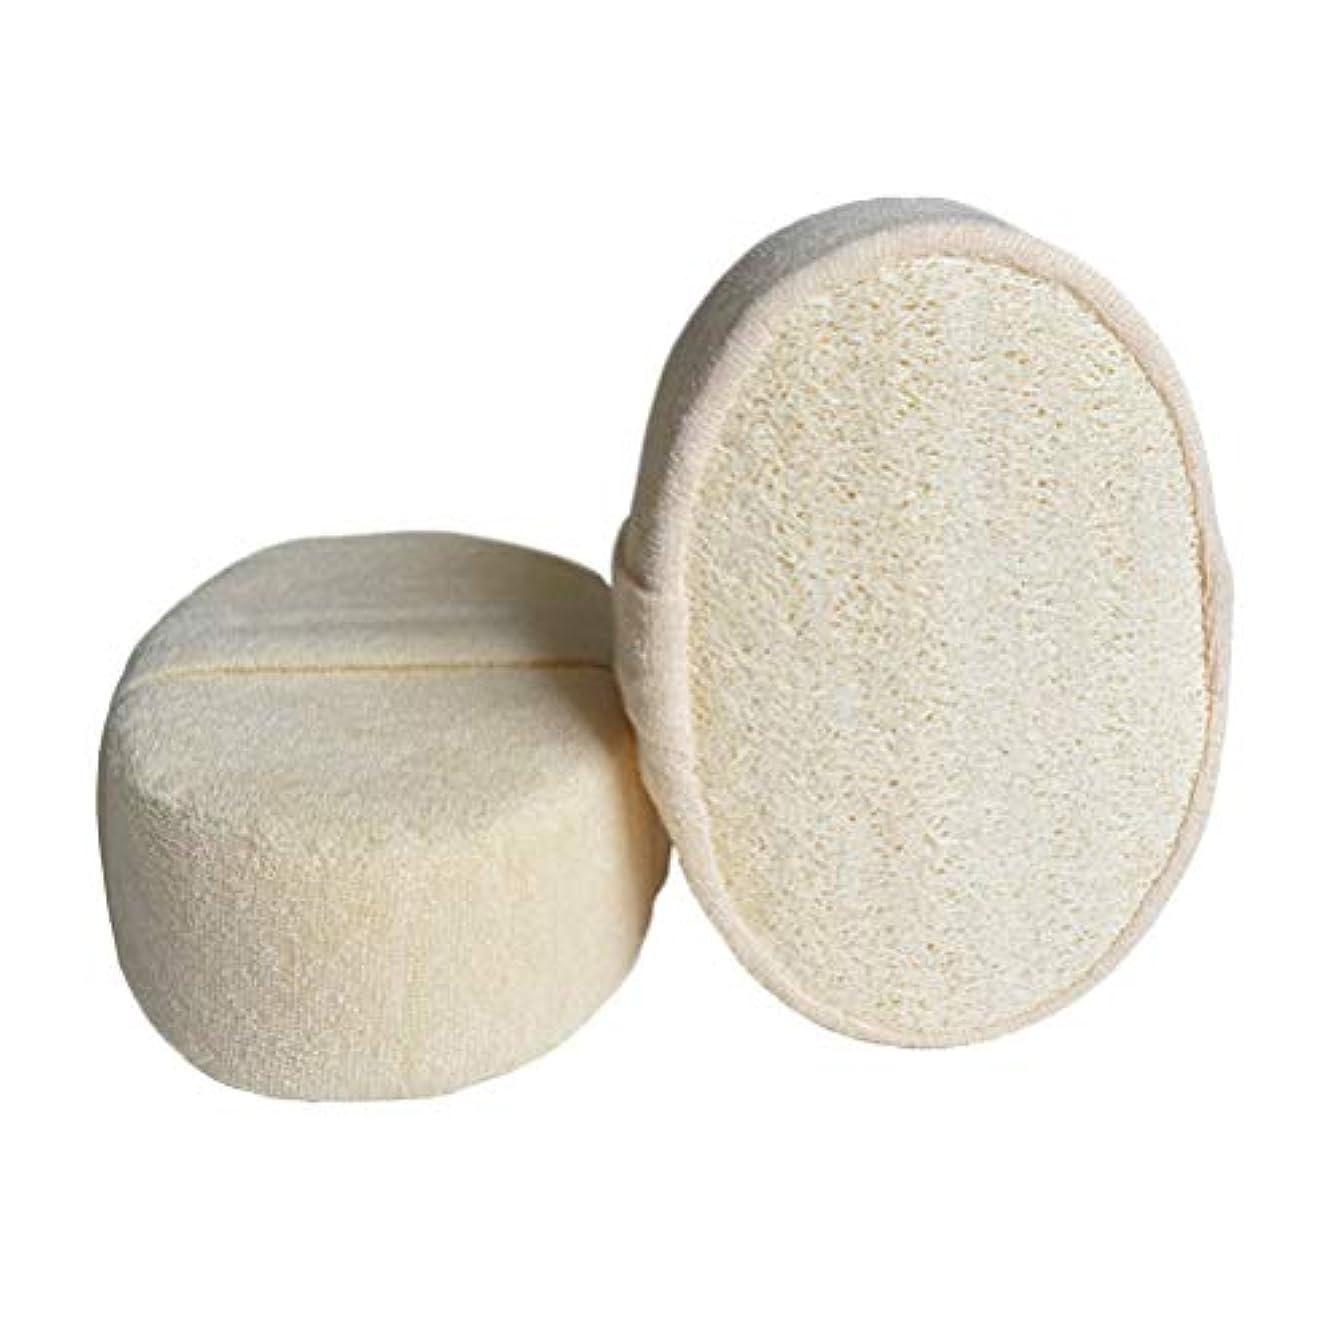 鋼証拠逸話TOPBATHY 2ピース角質除去loofahパッドloofaスポンジスクラバーブラシ用風呂スパとシャワー